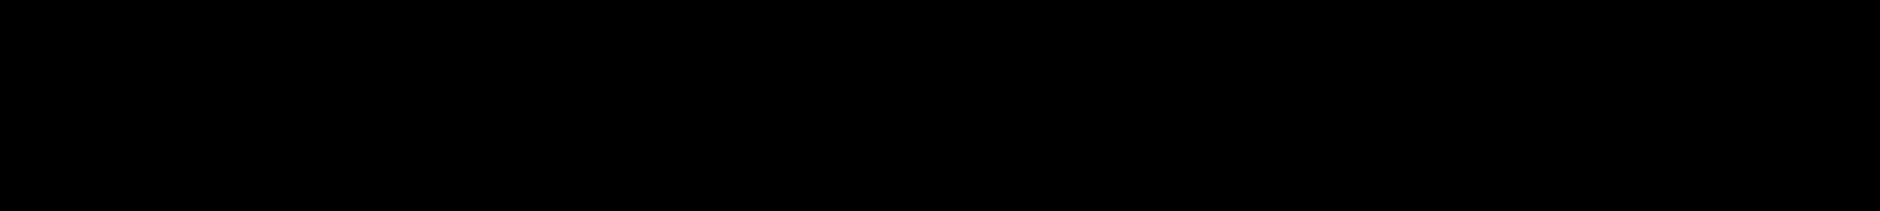 犬飼勝哉|Katsuya Inukai Works オンラインショップ